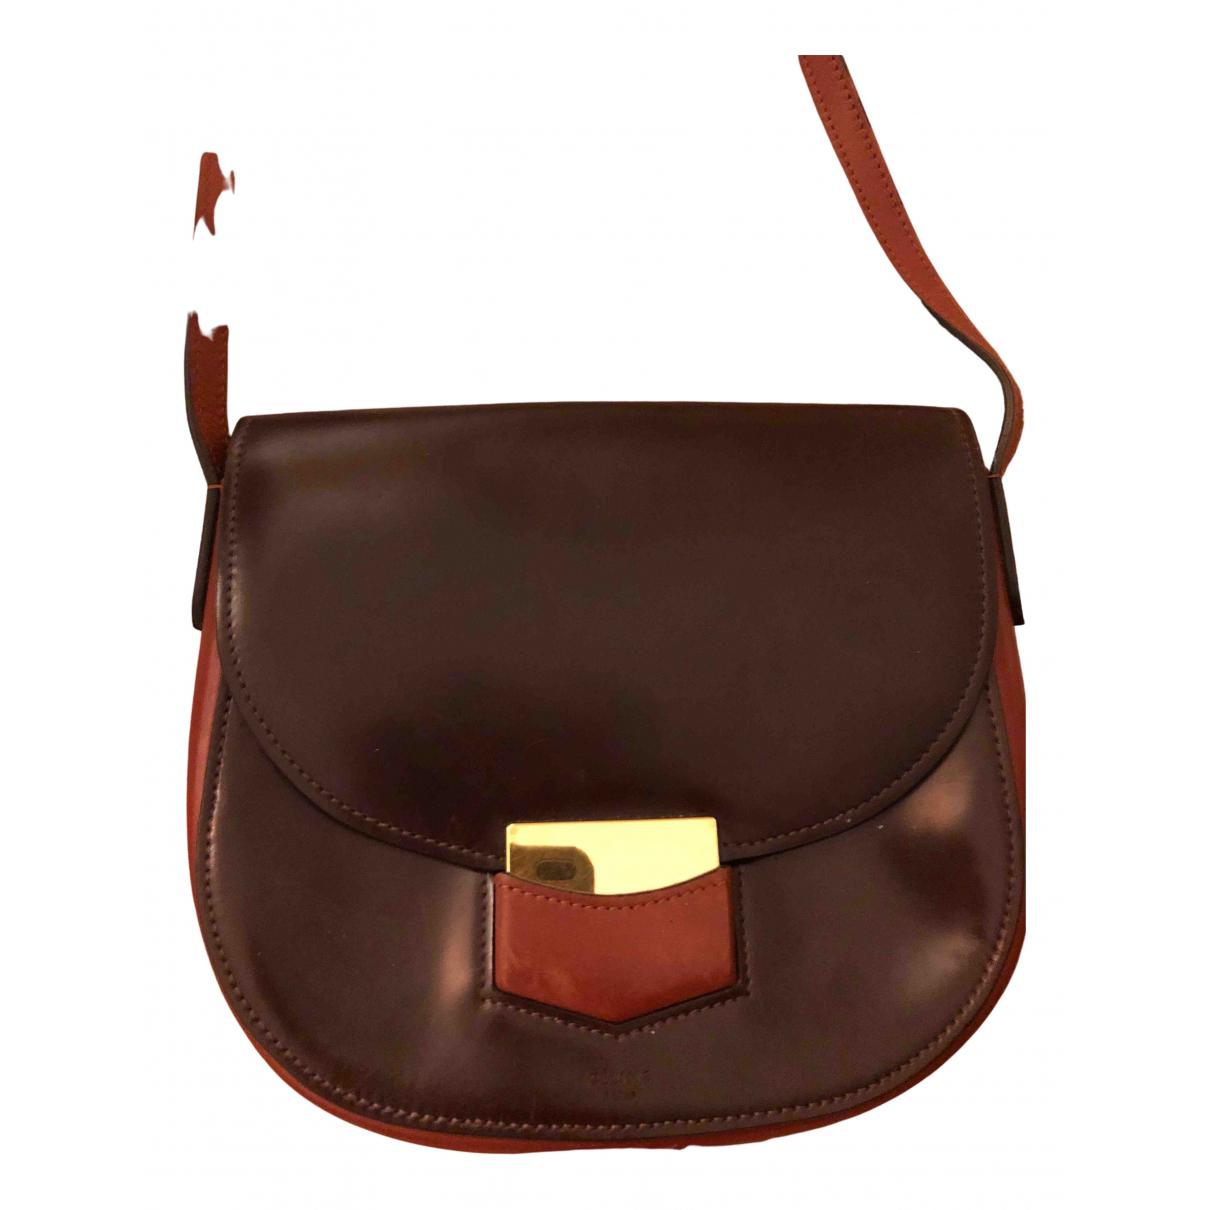 Celine Trotteur Handtasche in  Braun Leder